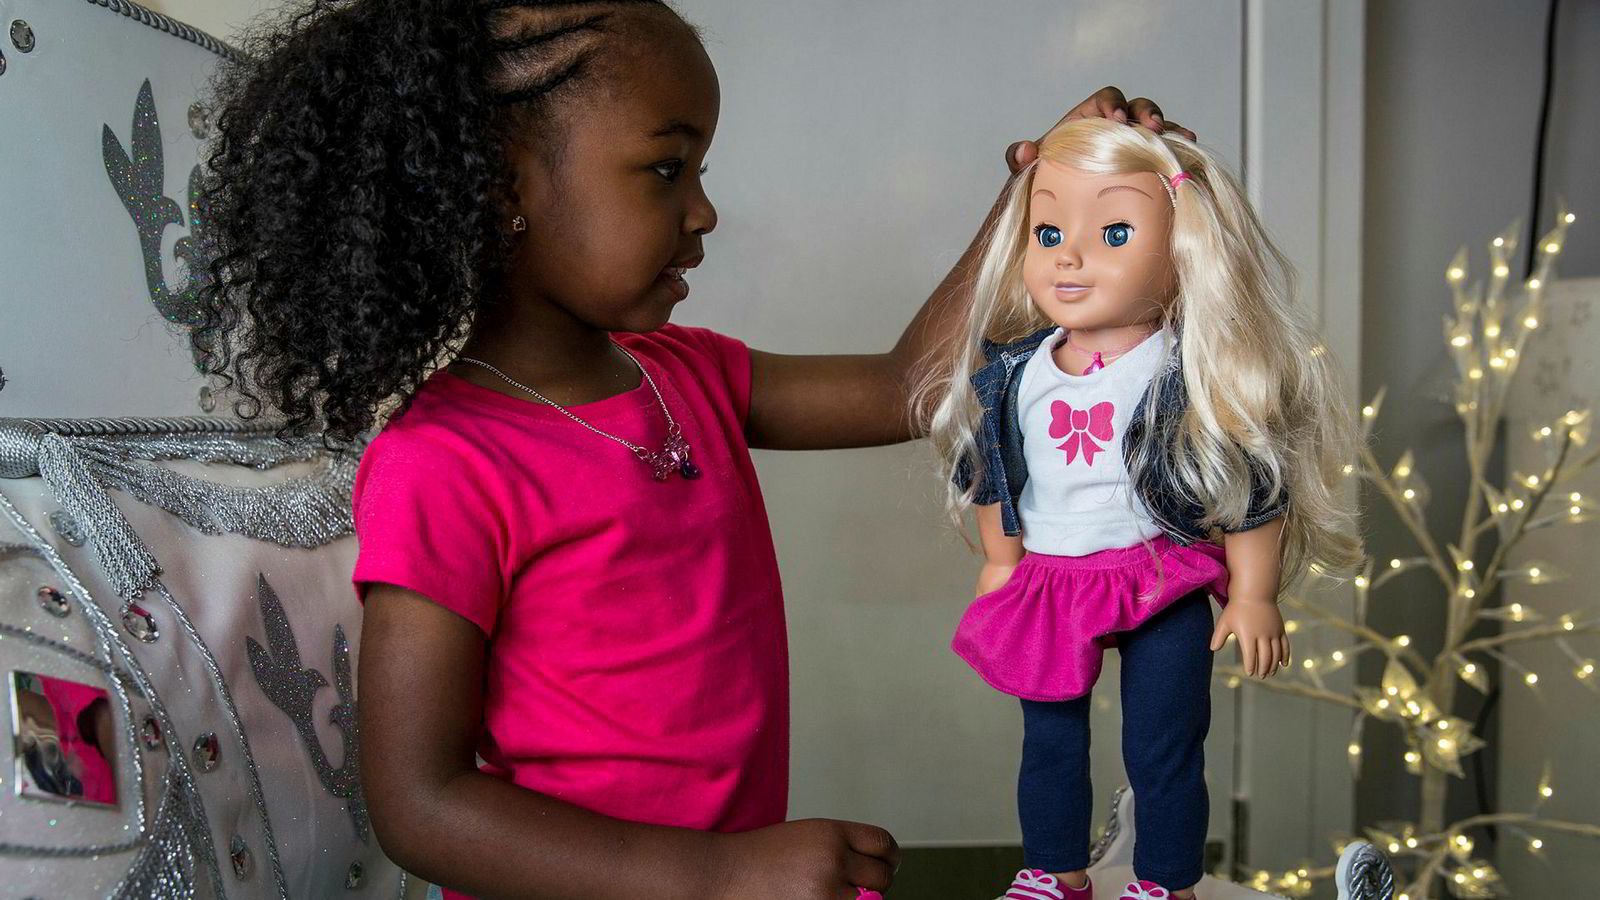 I de senere årene har det kommet opp flere alvorlige tilfeller der hverdagslige ting rundt oss er blitt hacket. Et godt eksempel er Cayla-dukken (bildet).